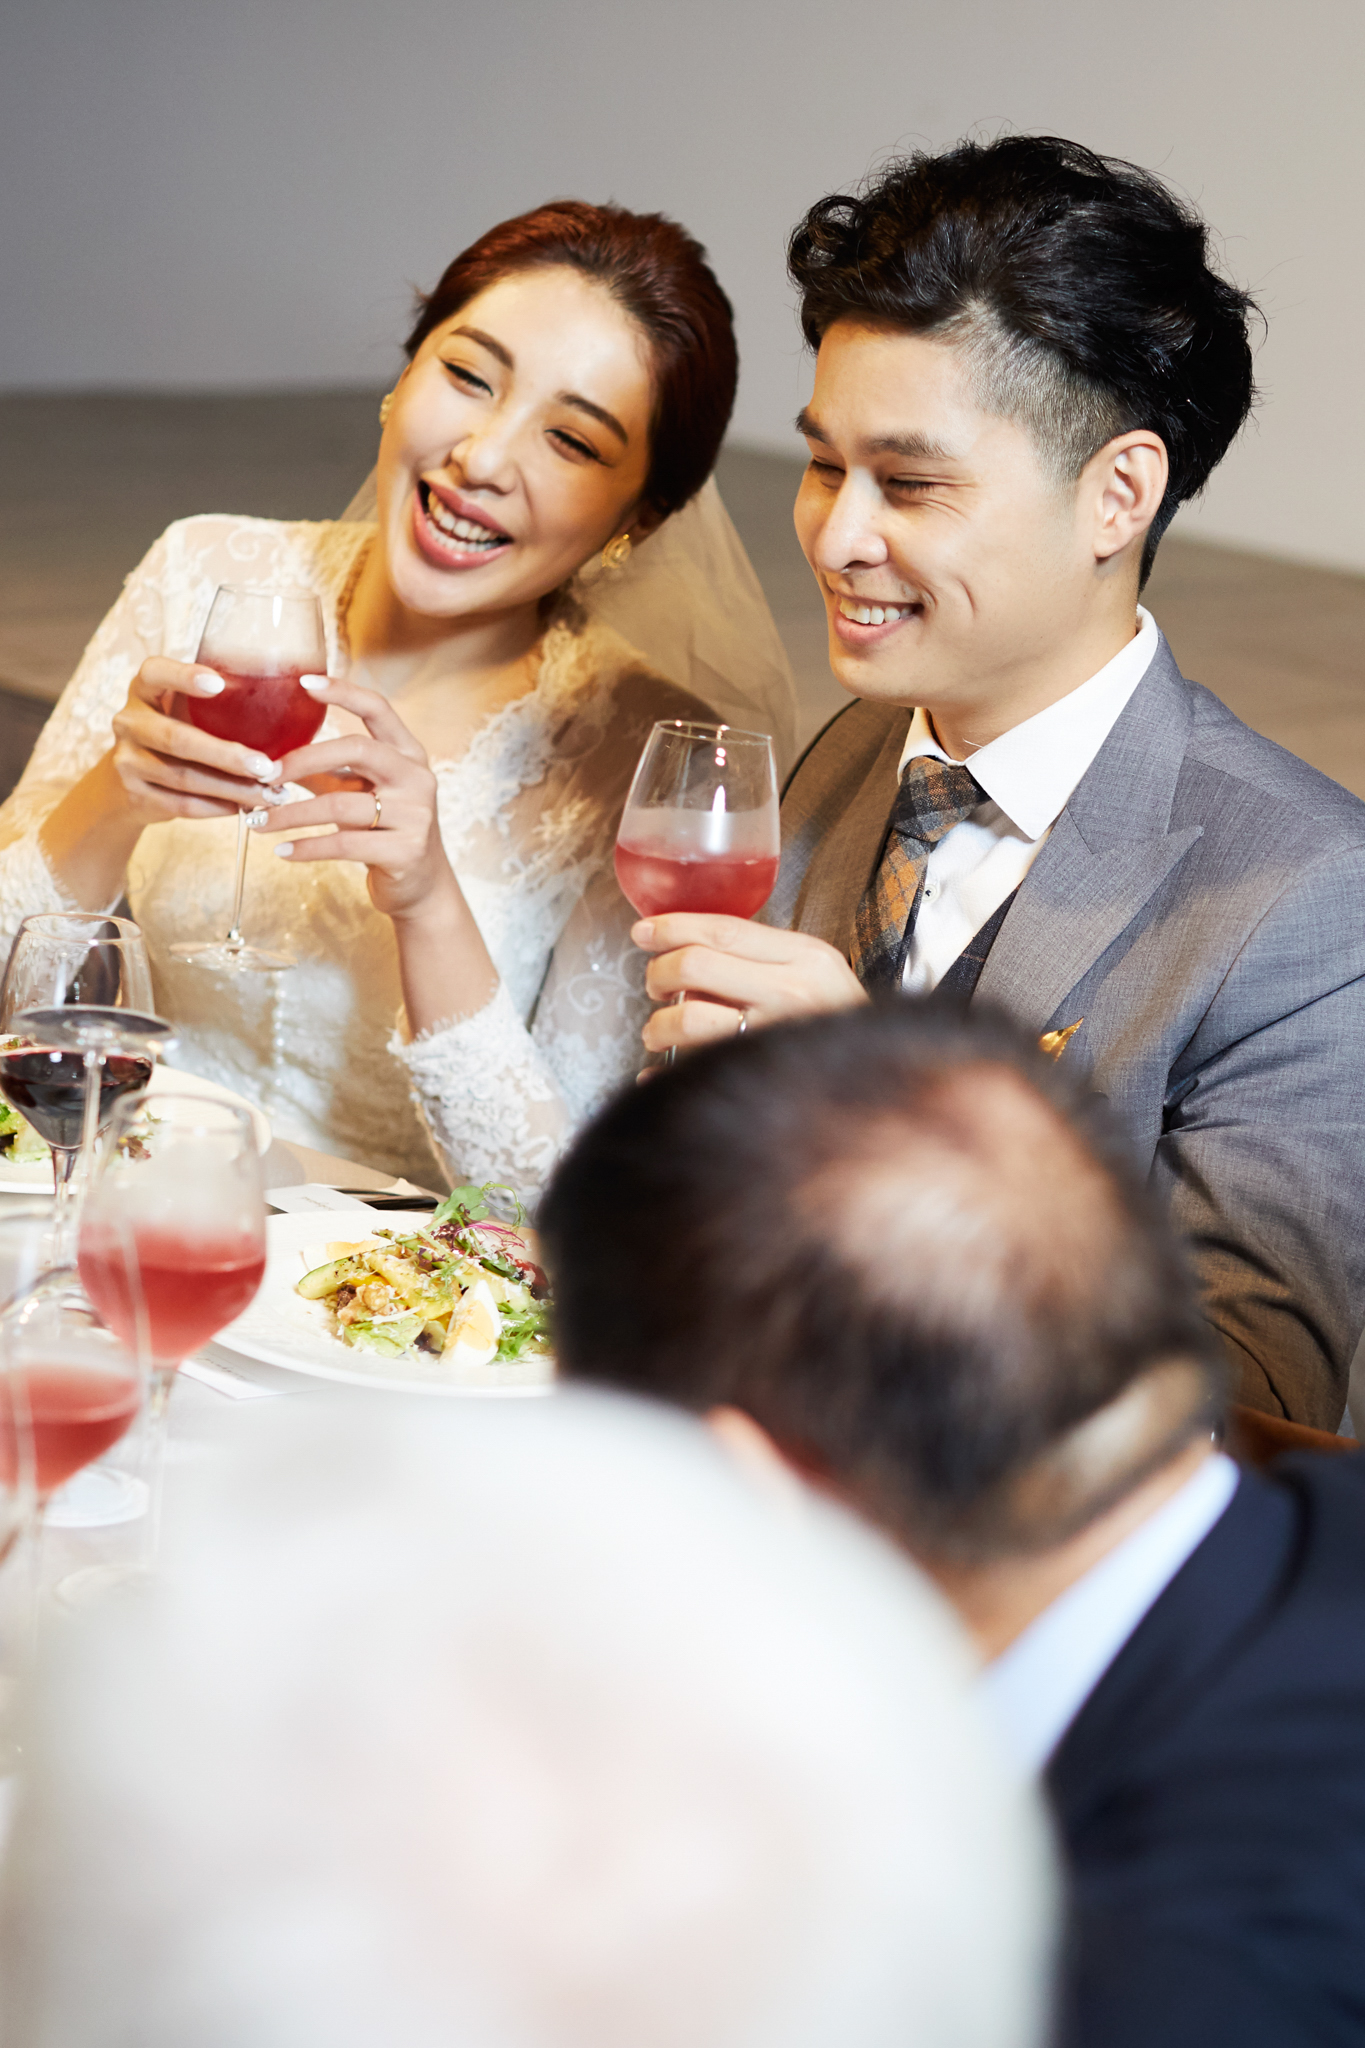 顏牧牧場婚禮, 婚攝推薦,台中婚攝,後院婚禮,戶外婚禮,美式婚禮-101